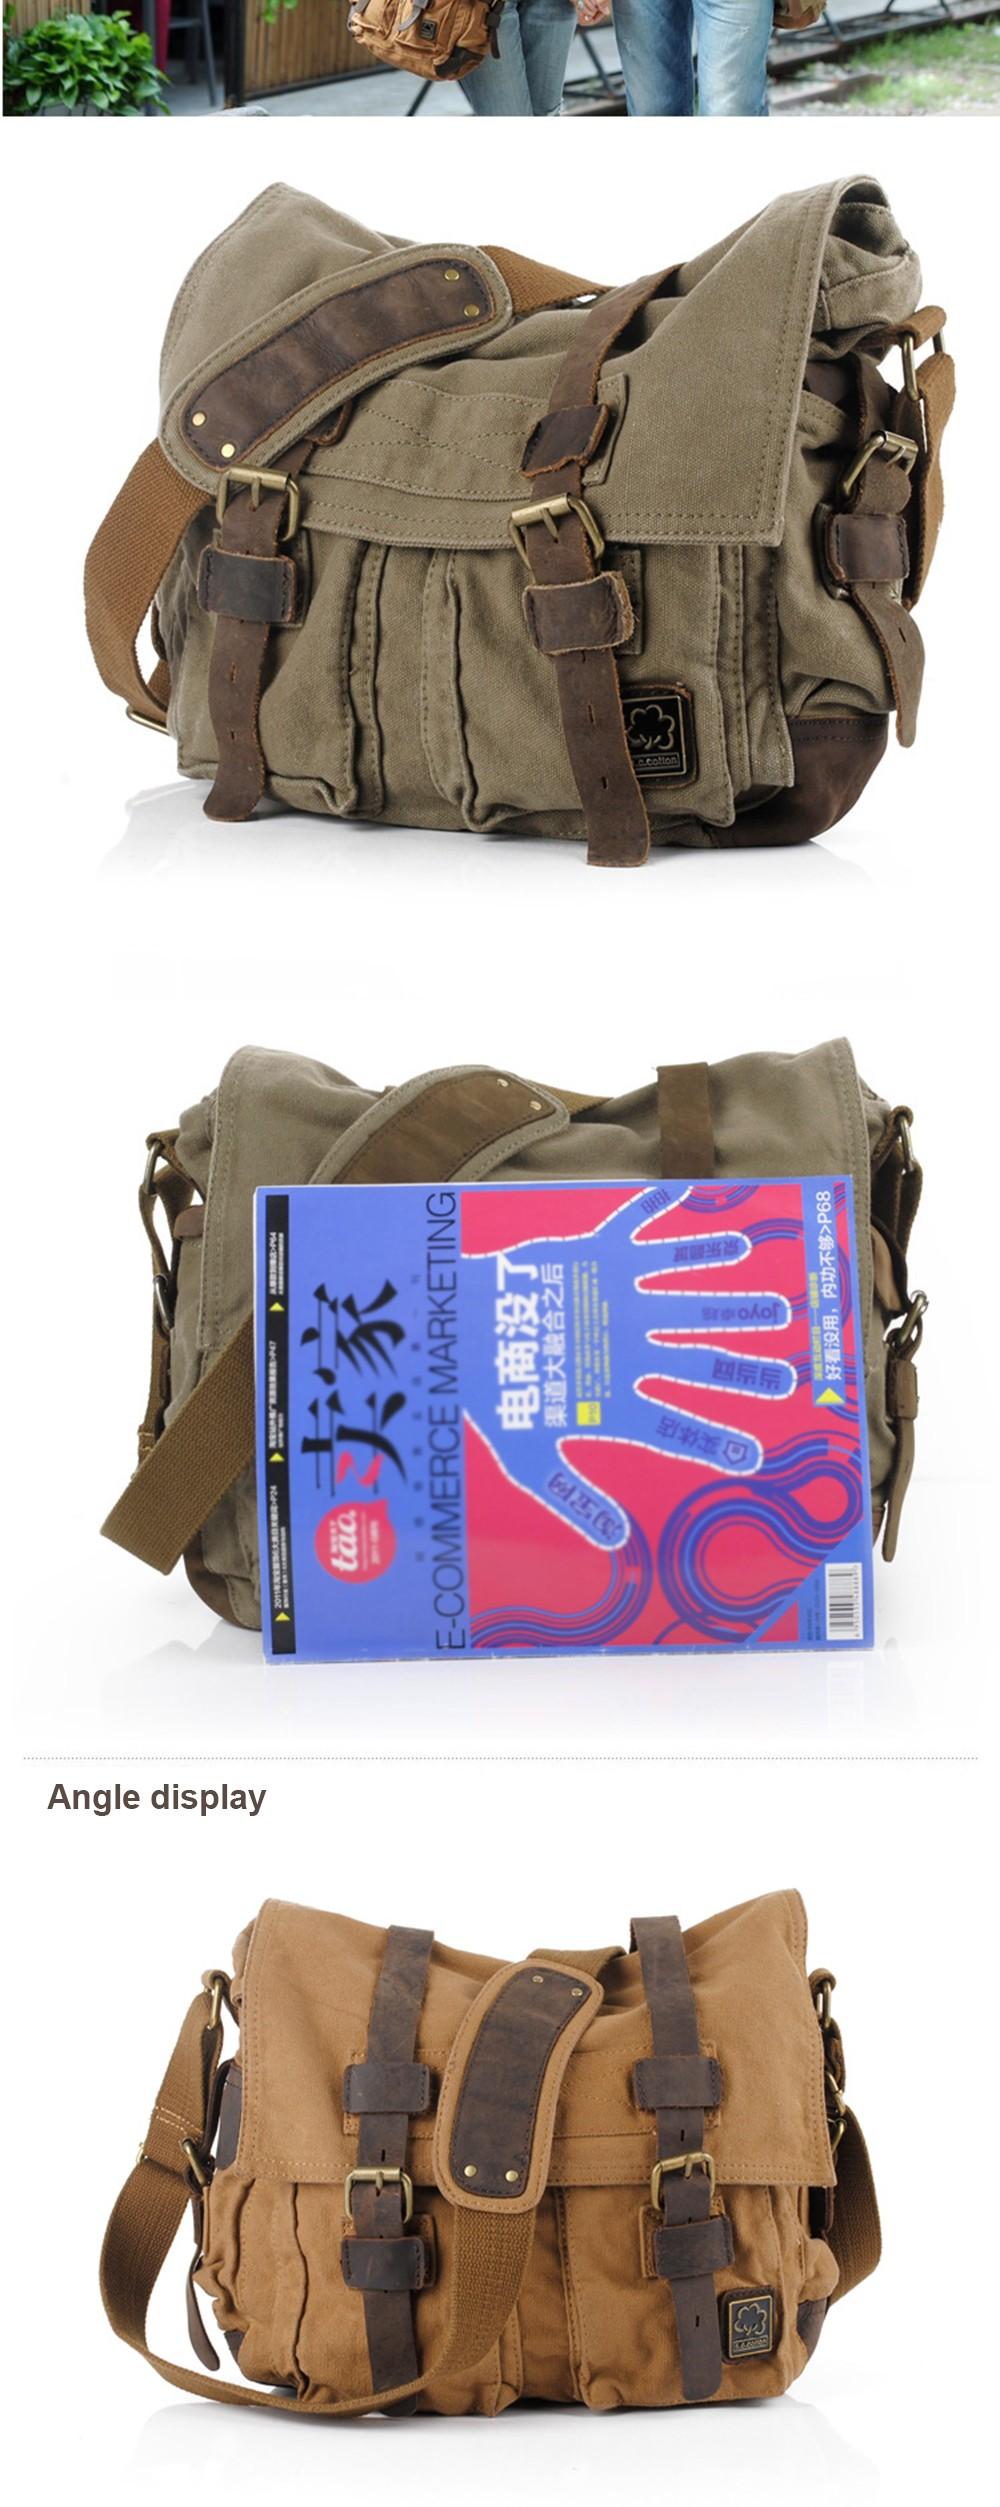 HTB1bR.bKFXXXXagXpXXq6xXFXXXi - Men's Canvas Military Fashion Shoulder Bag-Men's Canvas Military Fashion Shoulder Bag